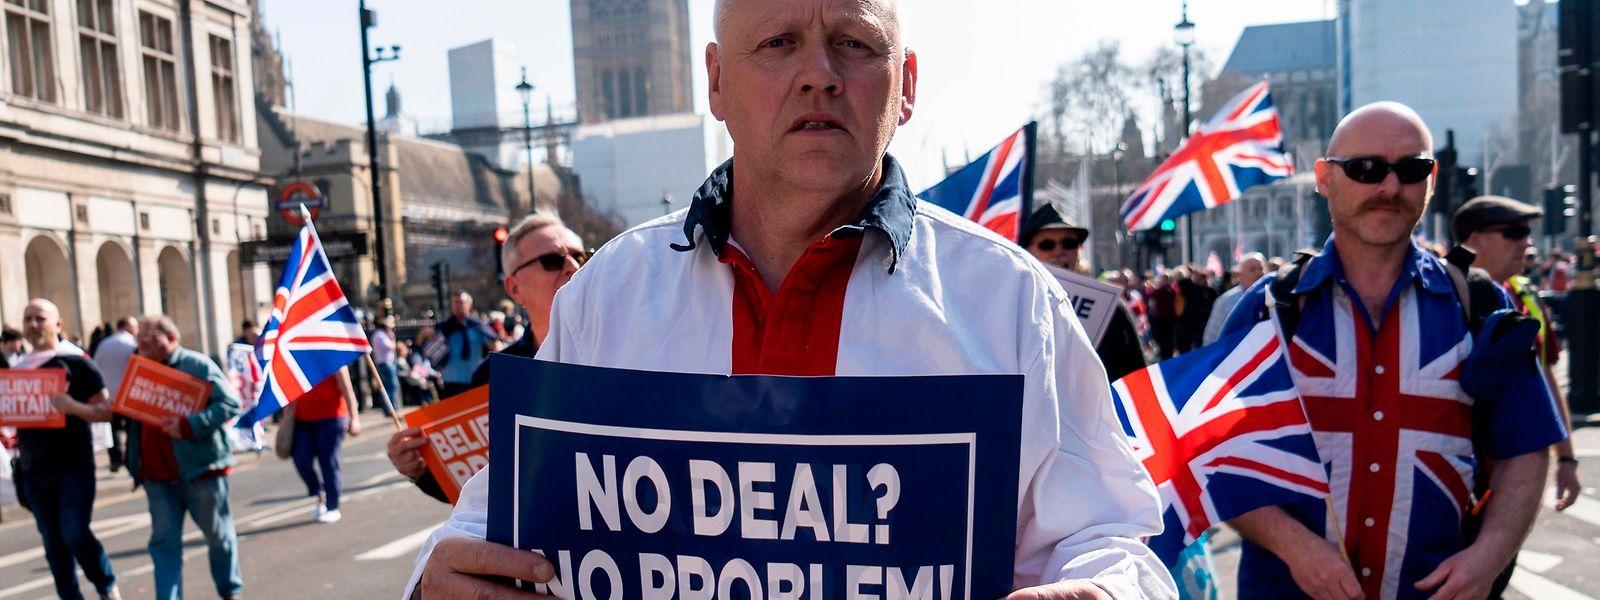 Apoiantes do Brexit manifestaram-se hoje à porta do parlamento inglês.